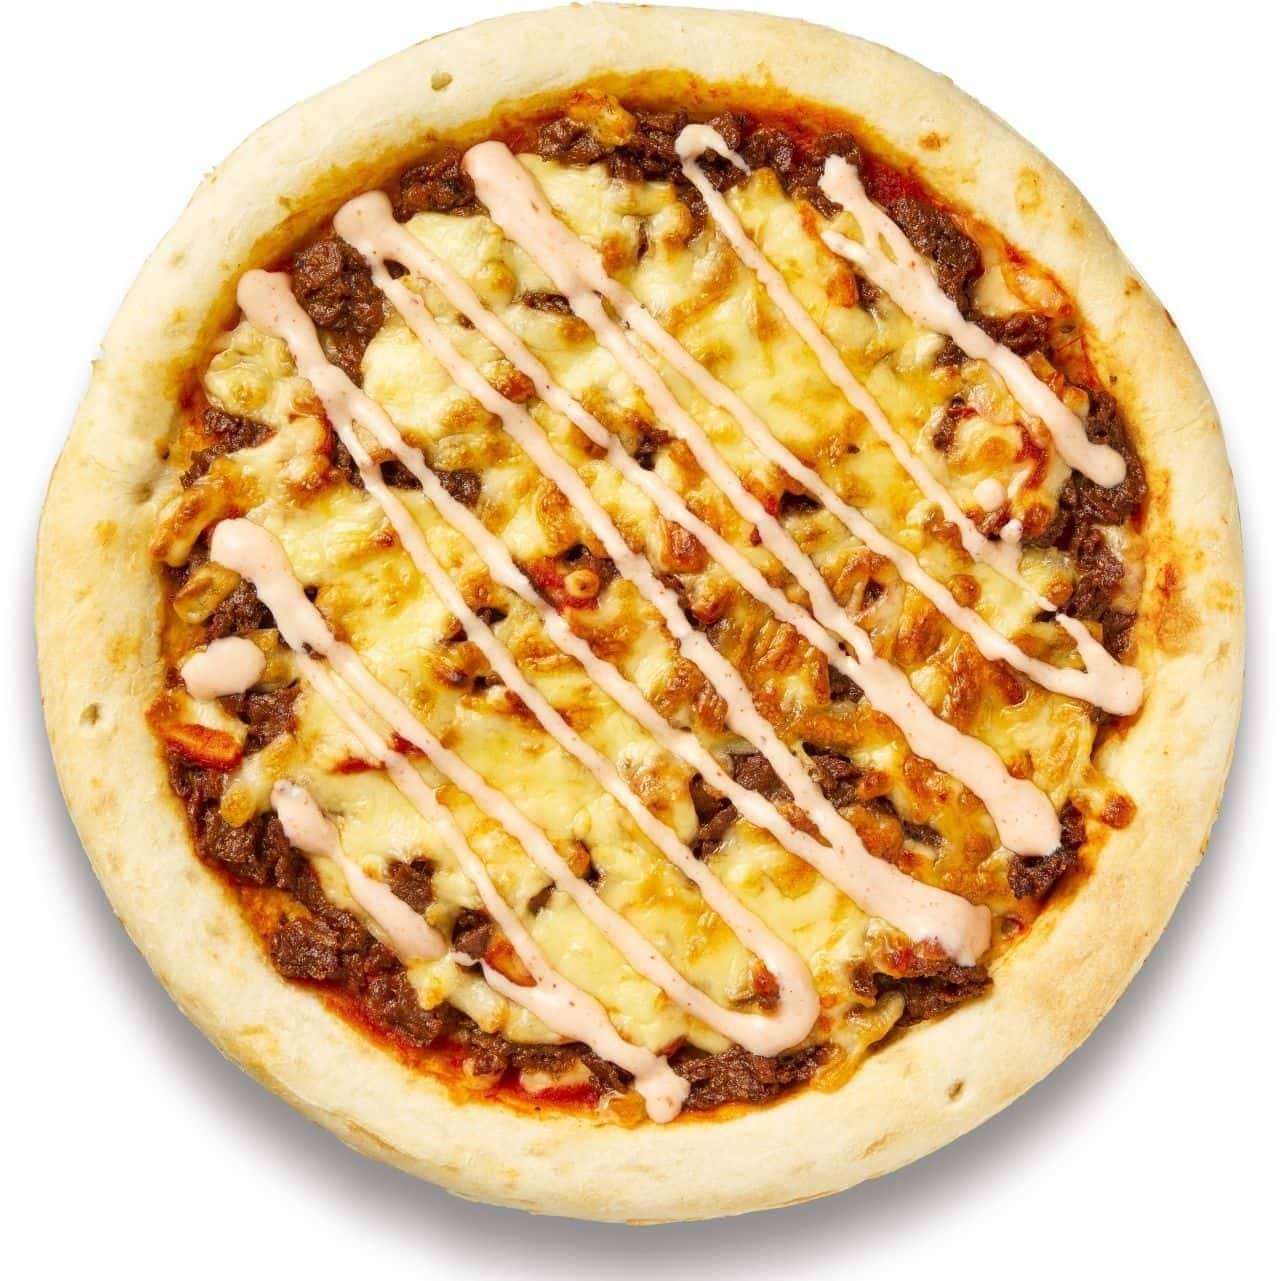 イケア「プラントベース ケバブピザ」